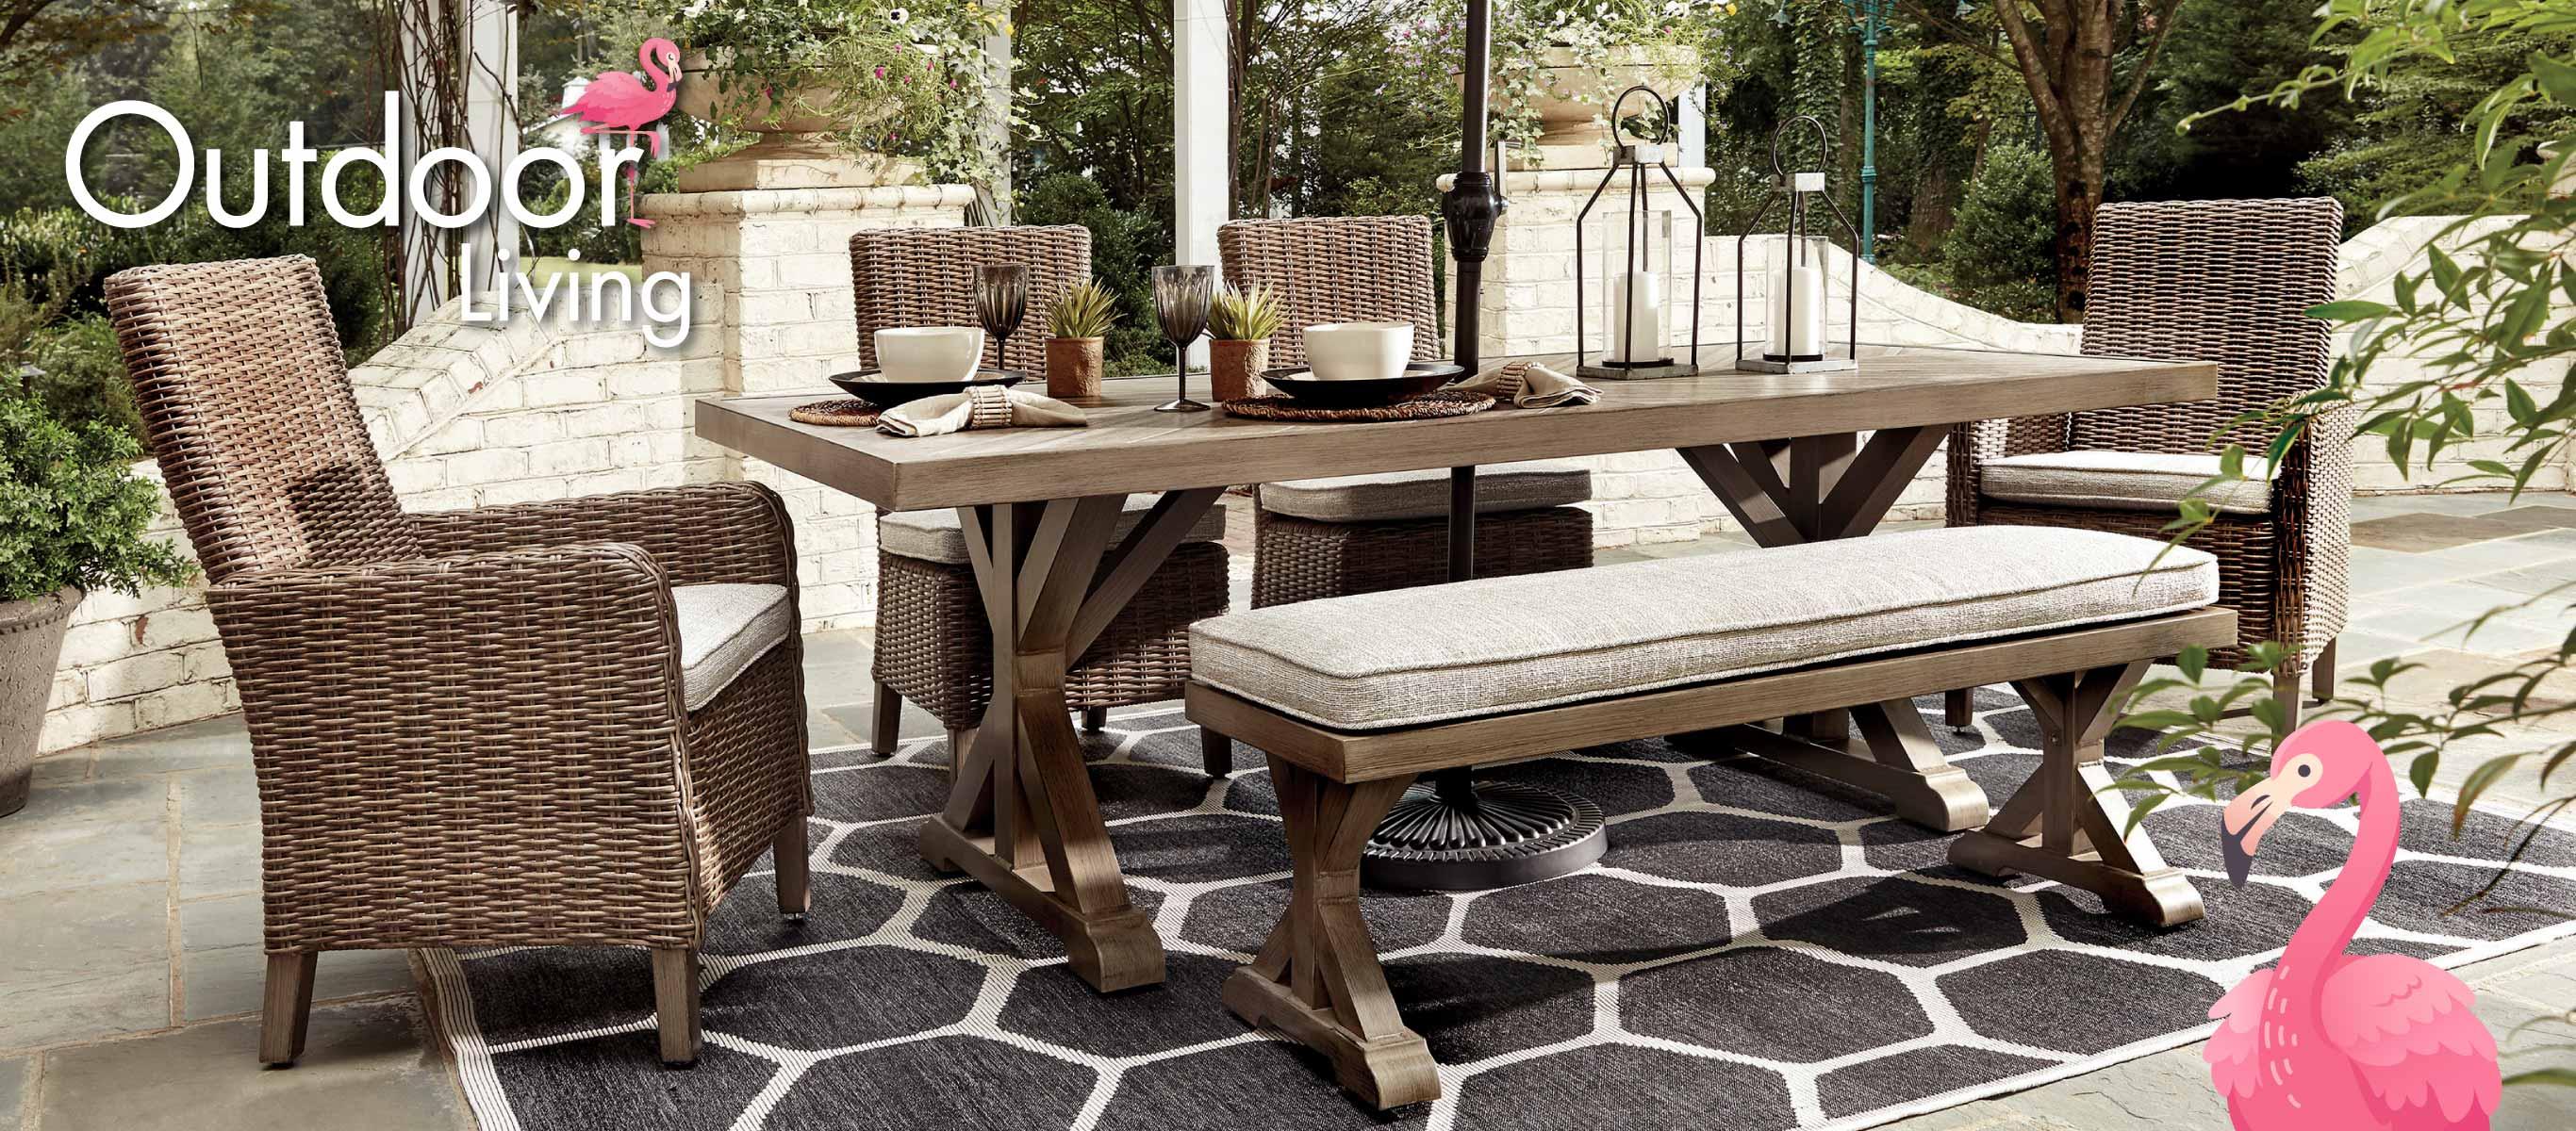 Gardner-White Outdoor Living